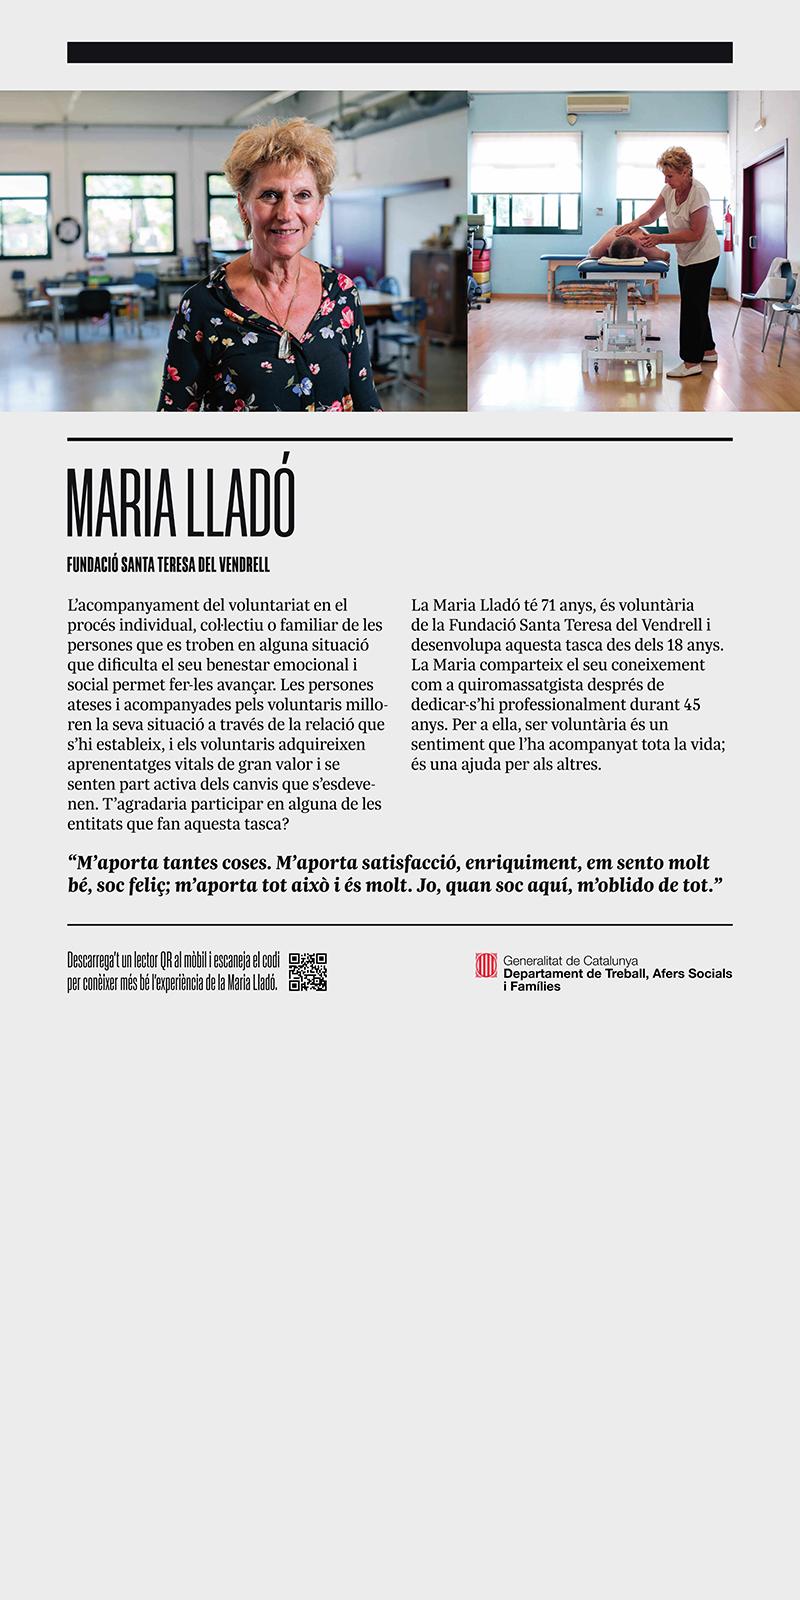 03-Maria-Lladó-Fundació-Santa-Teresa-del-Vendrell